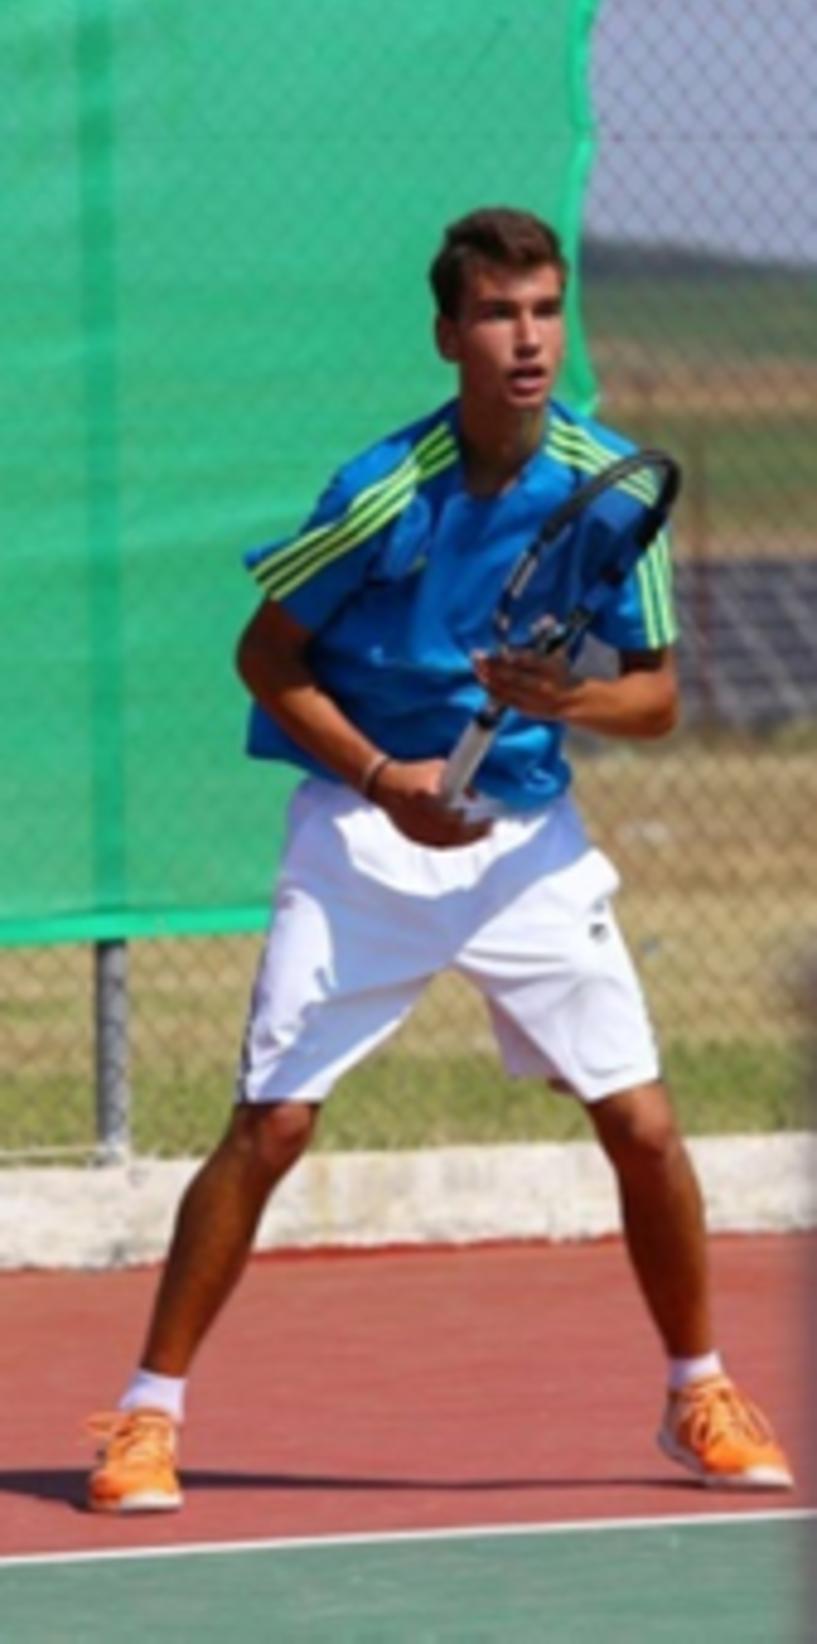 Στους 16 προκρίθηκε ο Δημοσθένης Ταραμονλής στο ITF Juniors Skopje Open 2018